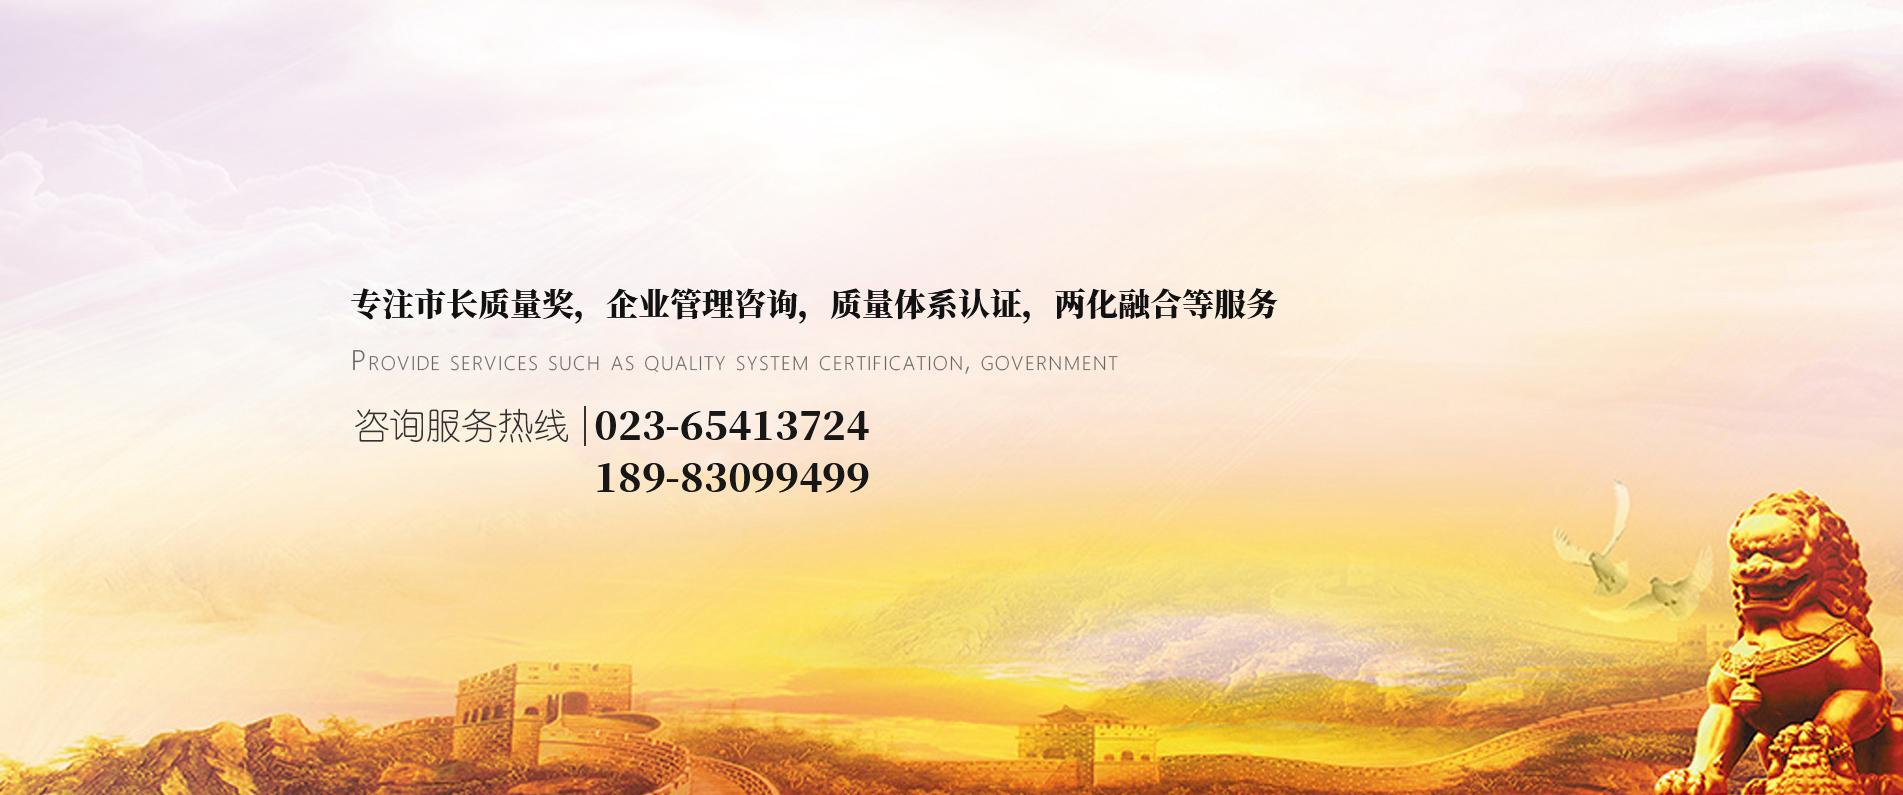 重庆两化融合质量管理咨询